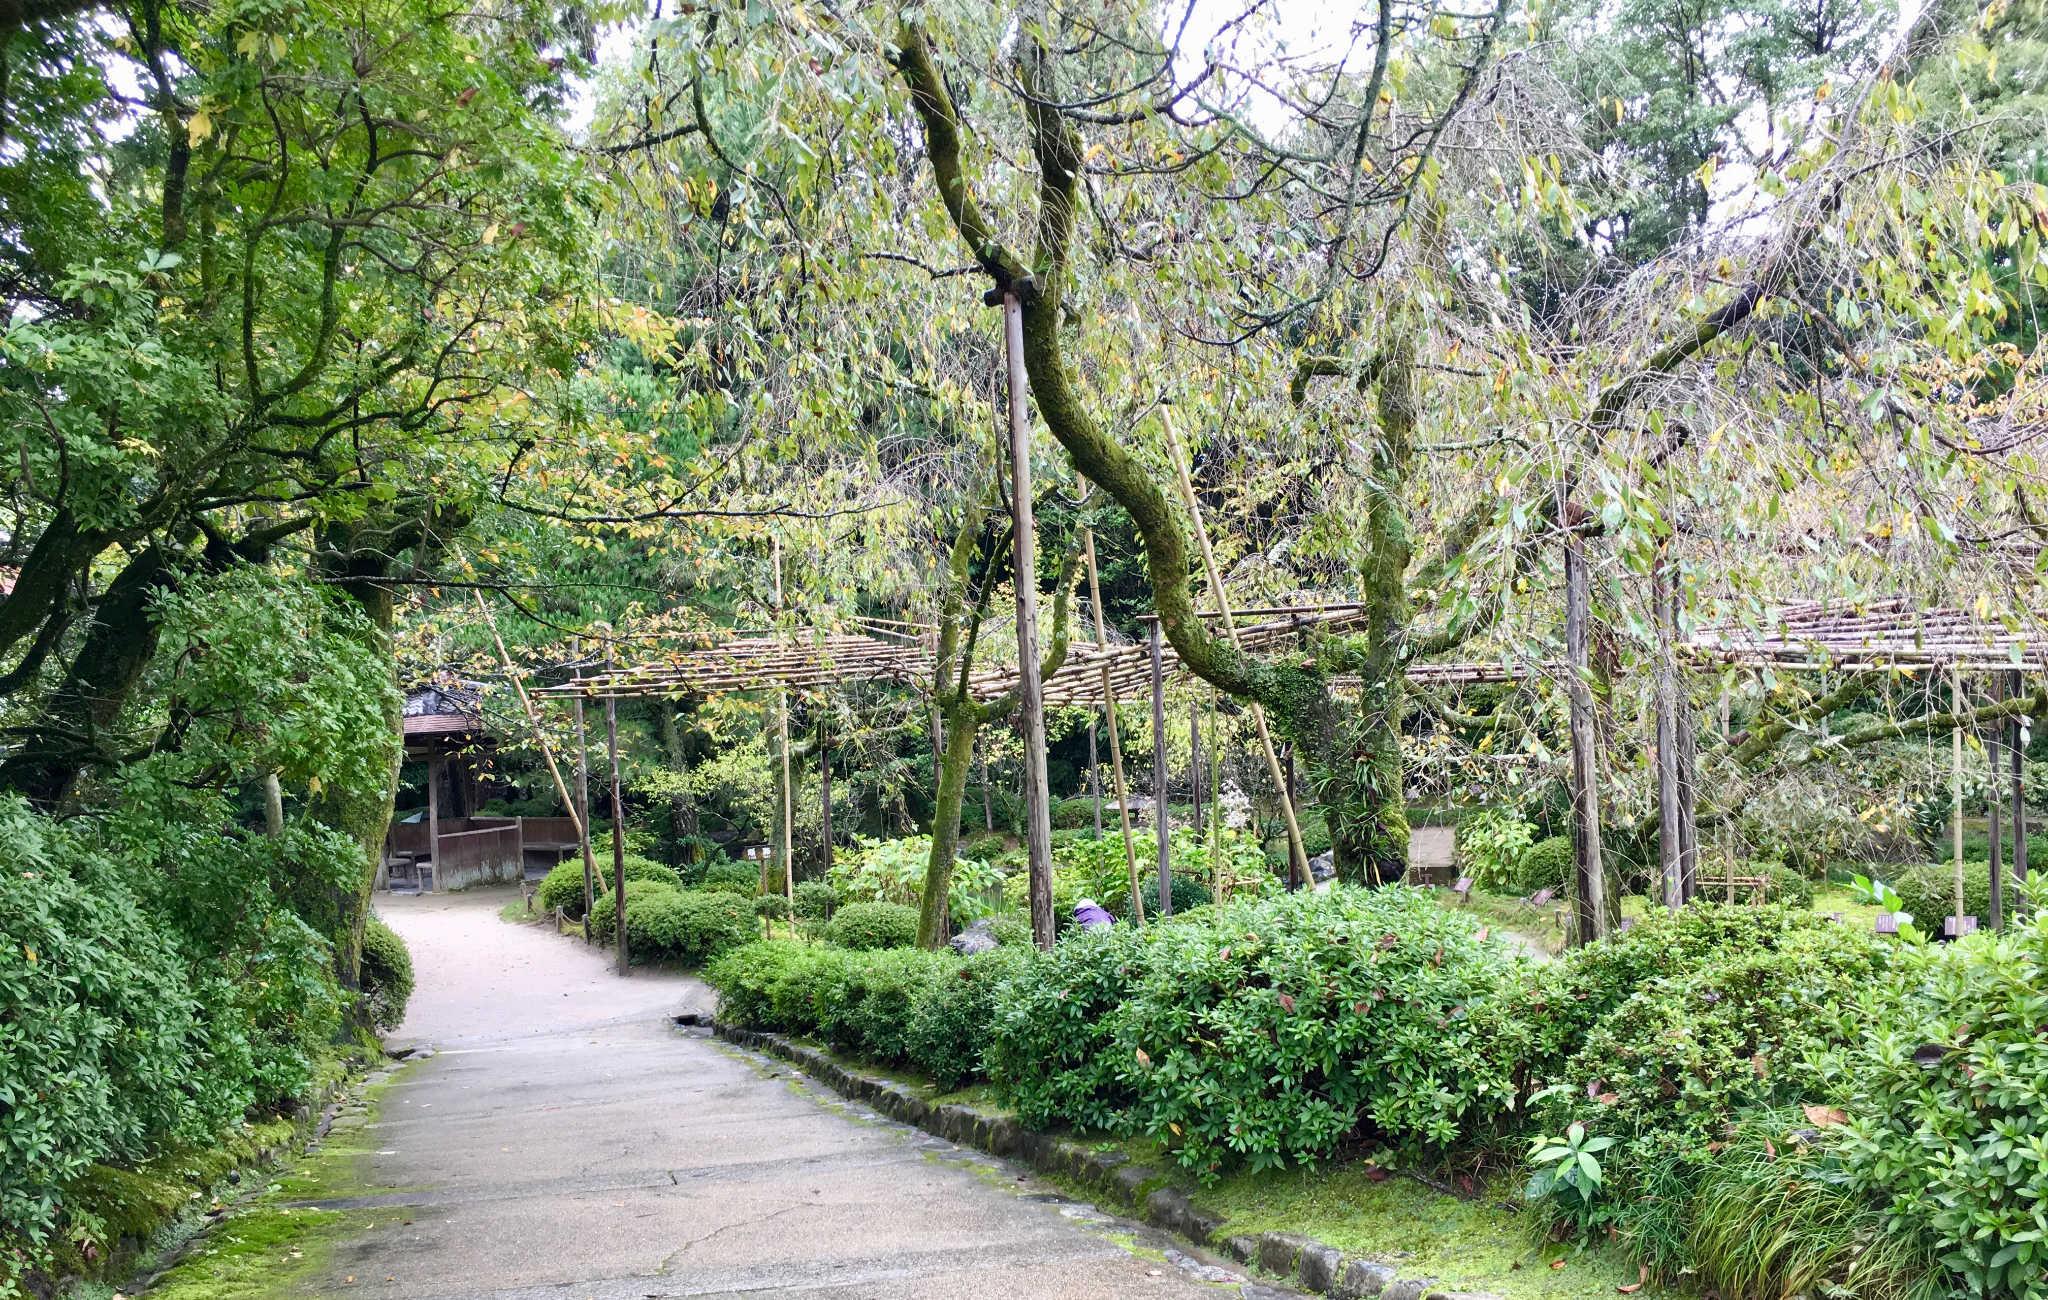 Le jardin est remarquable par ses cerisiers, c'est un endroit très populaire au moment de leur floraison